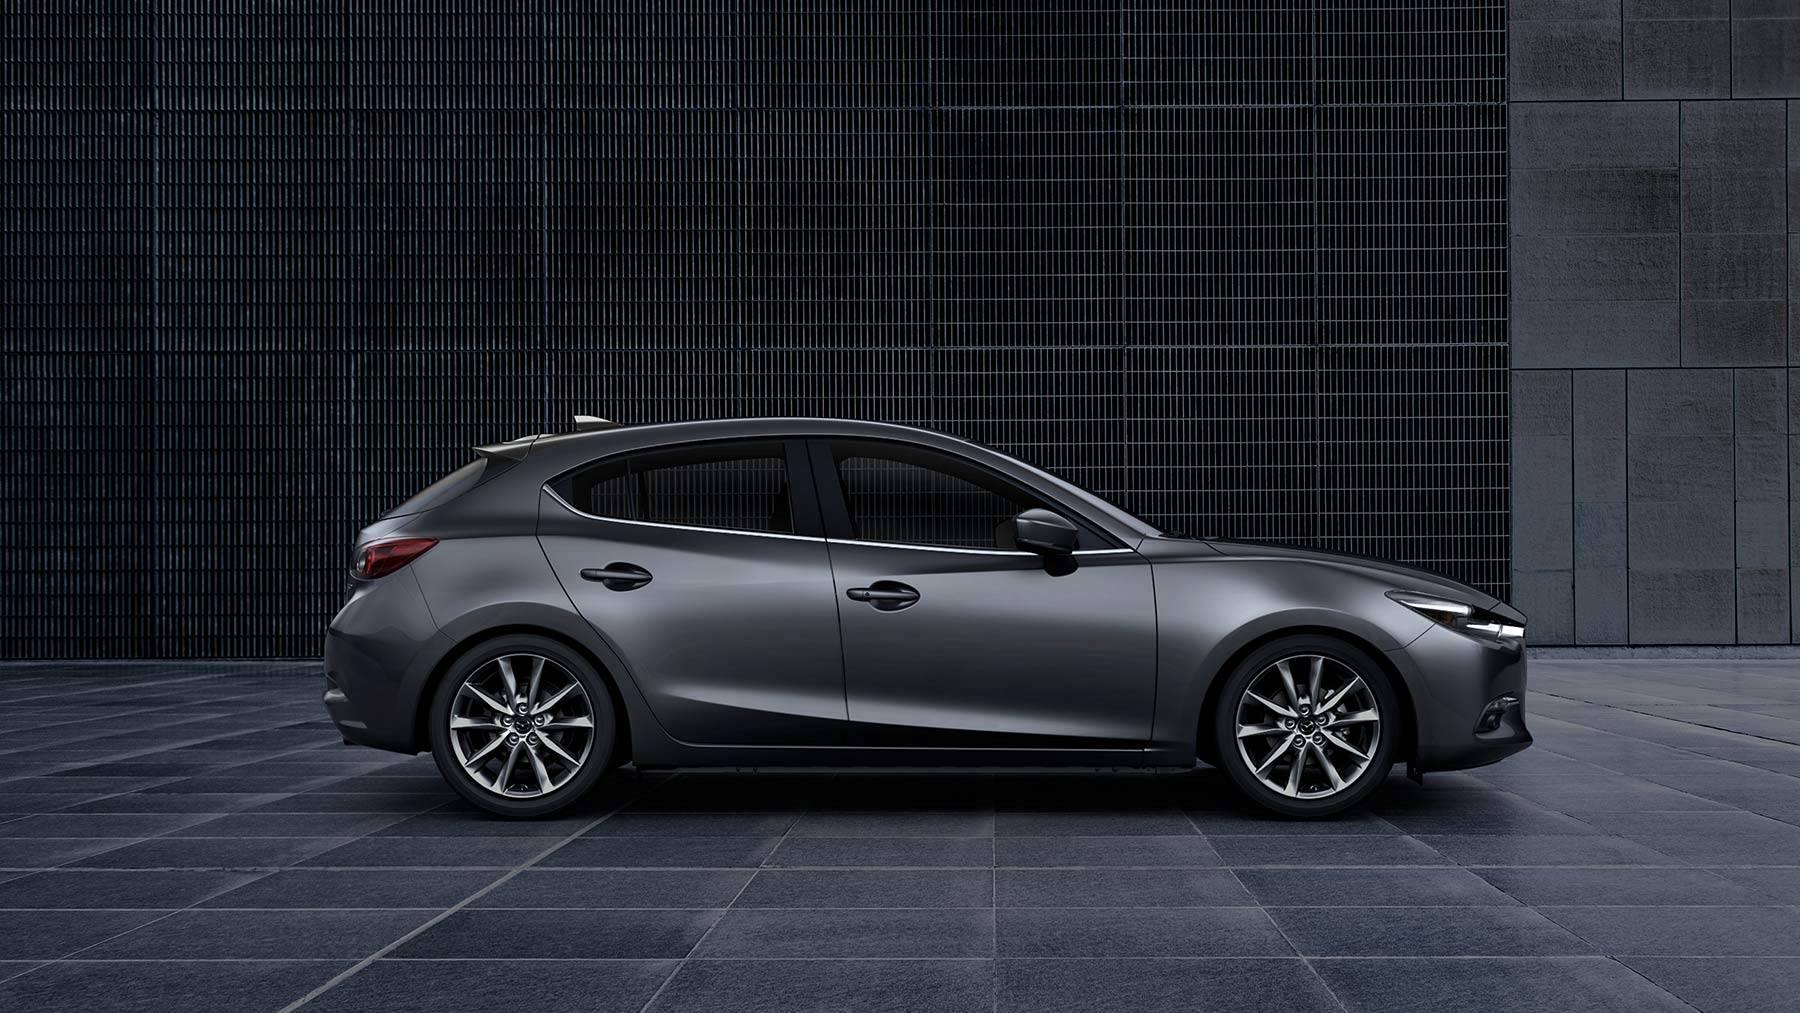 V40 T2 ve Mazda 3 1.5 Sky Active-G Karşılaştırması - ikinciyeni.com Blog